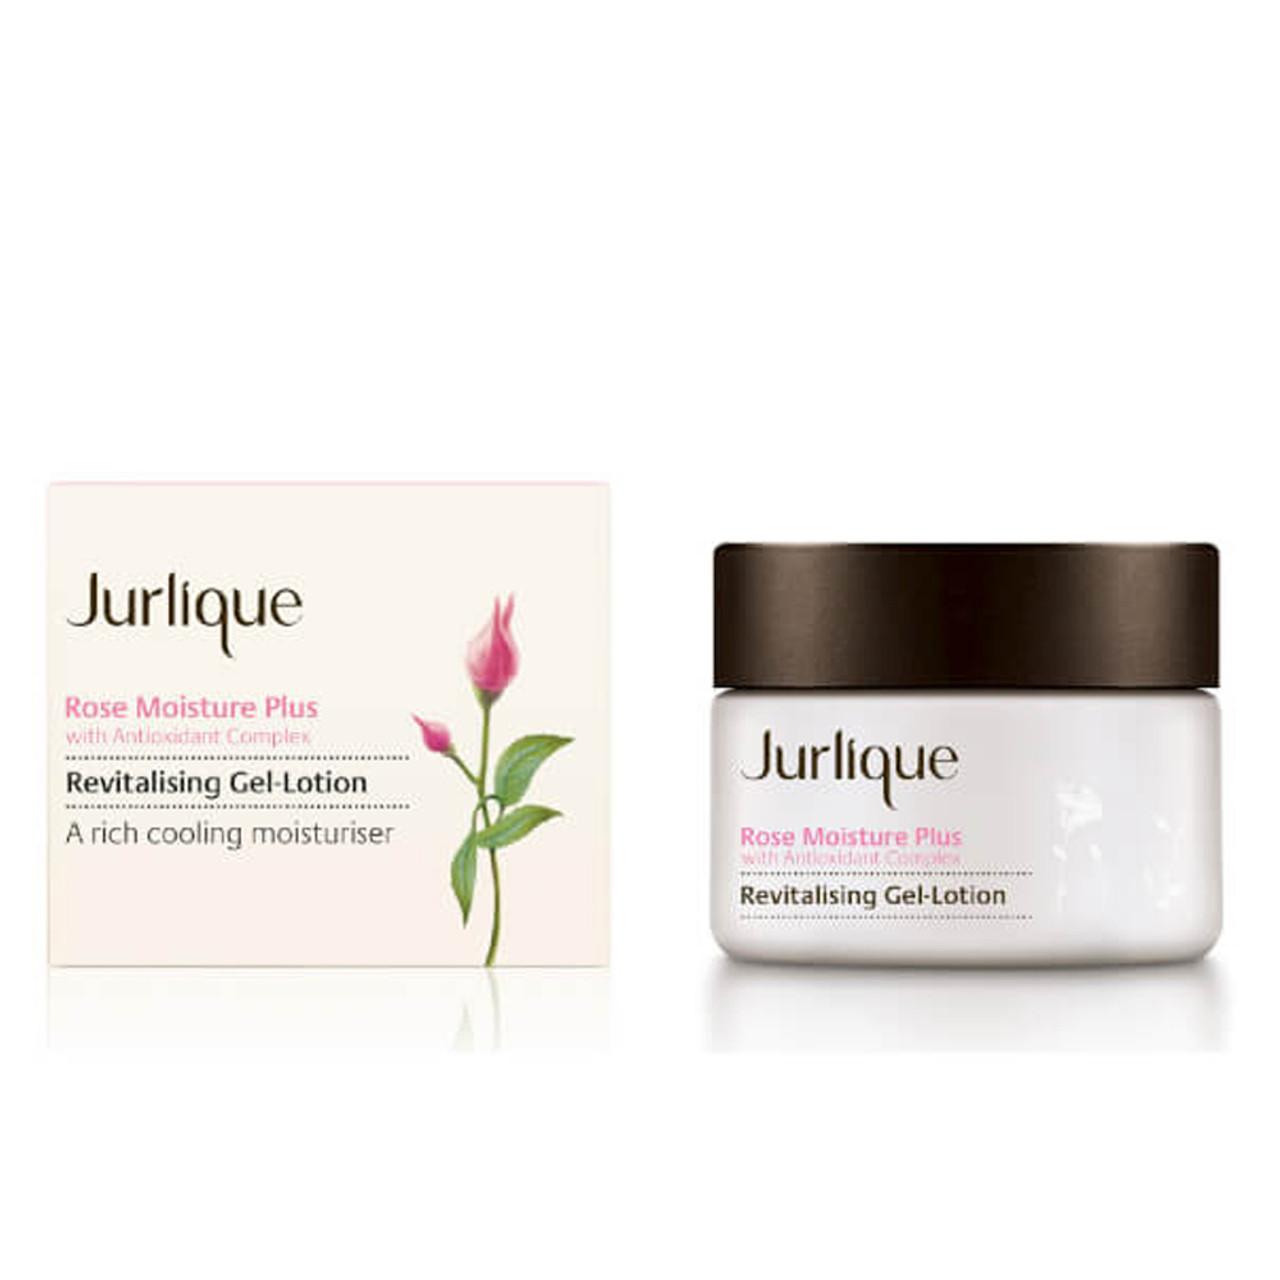 Jurlique Rose Moisture Plus Revitalising Gel Lotion(discontinued)